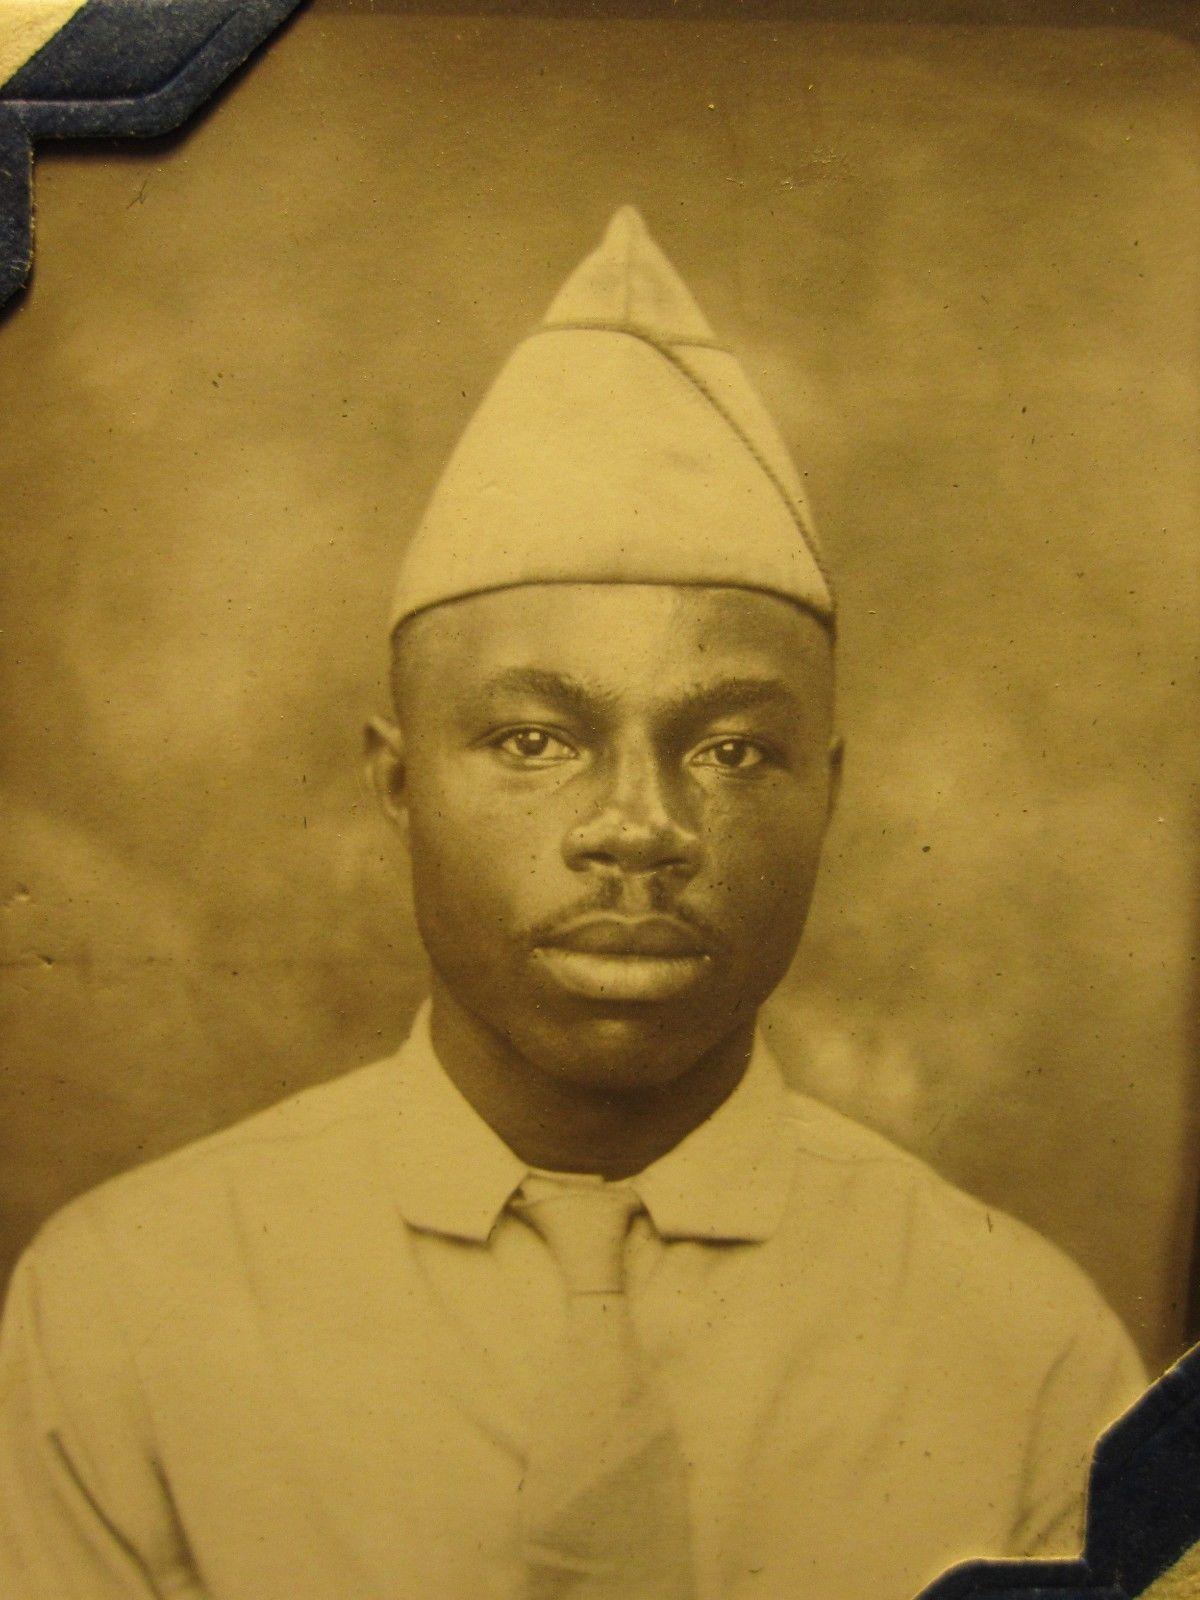 American WW2 Era Photobooth Army Man